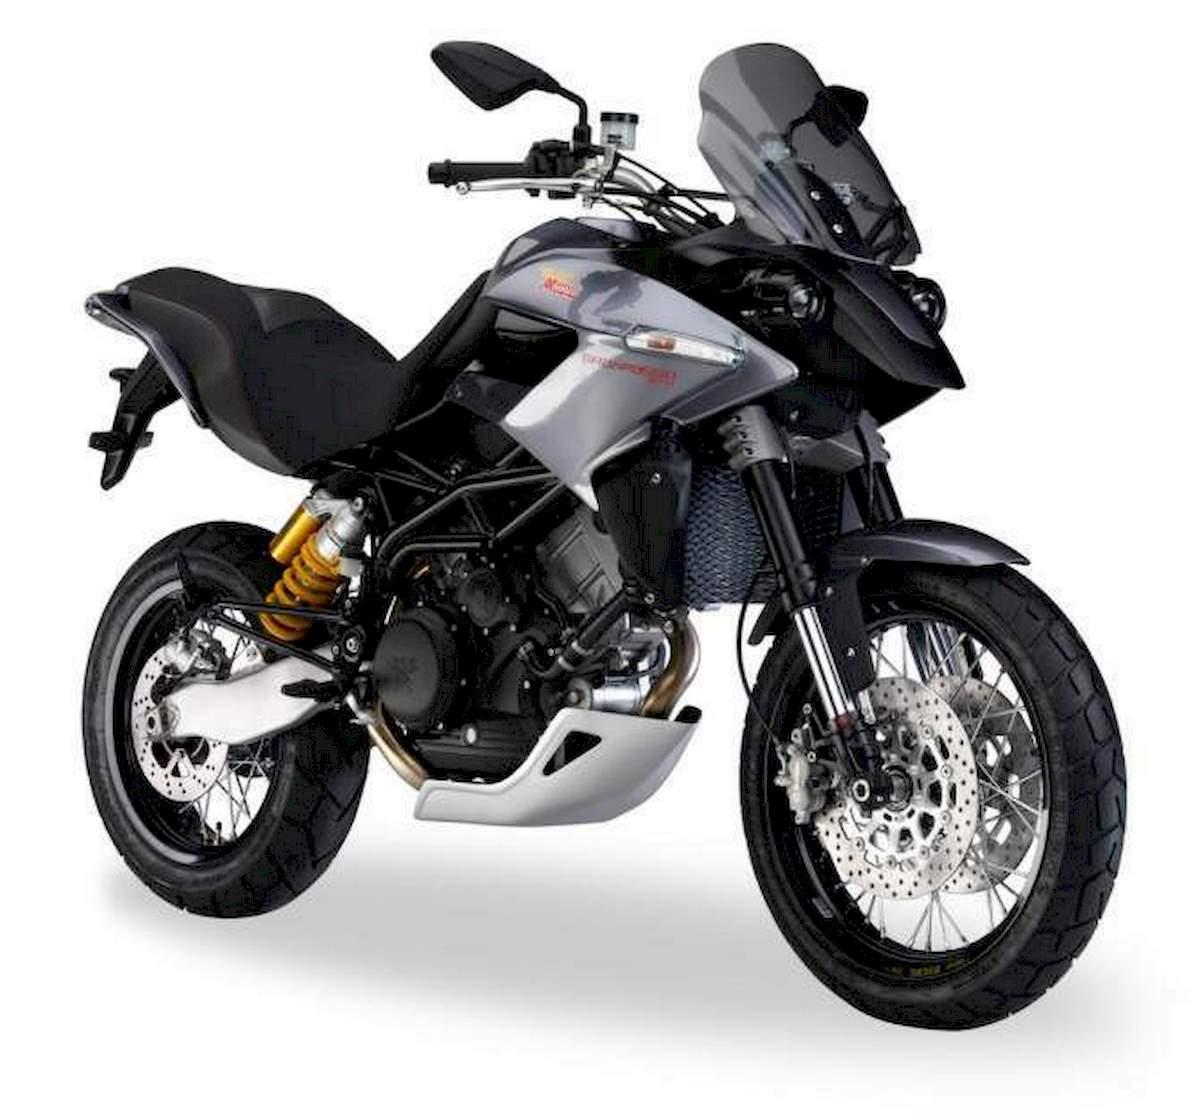 Image of MOTO MORINI GRANPASSO 1200